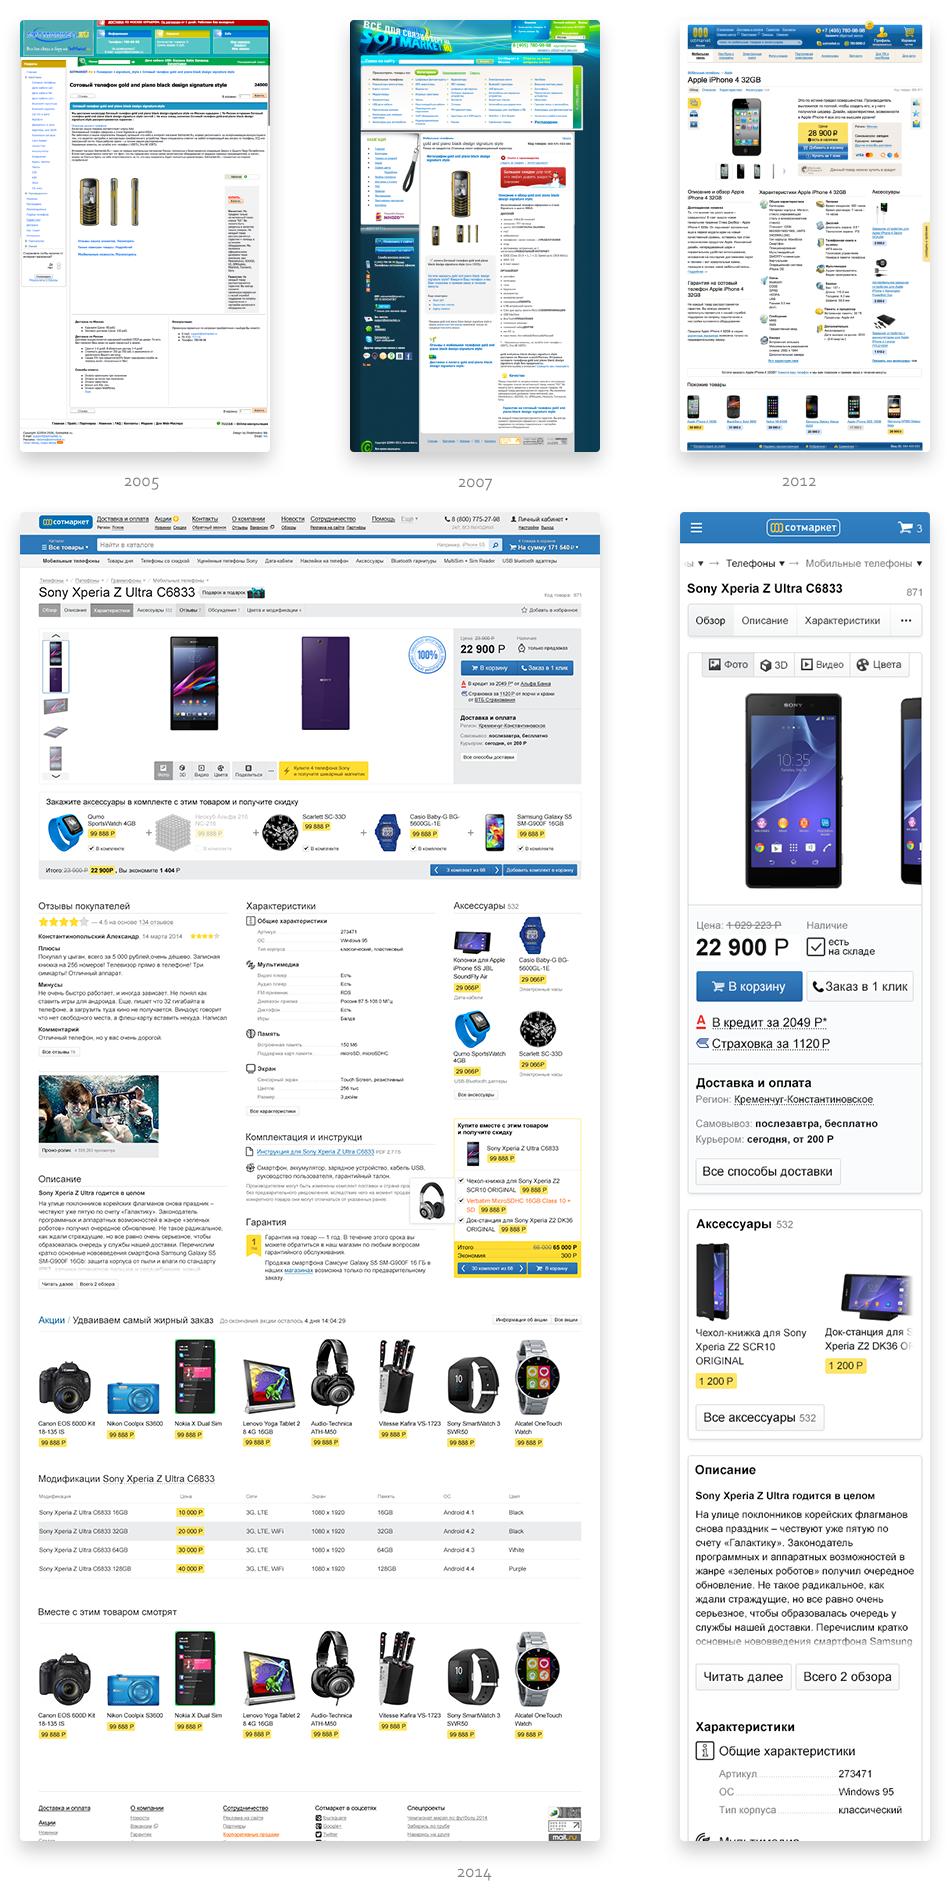 Эволюция маркетинга: от маленького интернет-магазина до гипермаркета - 3